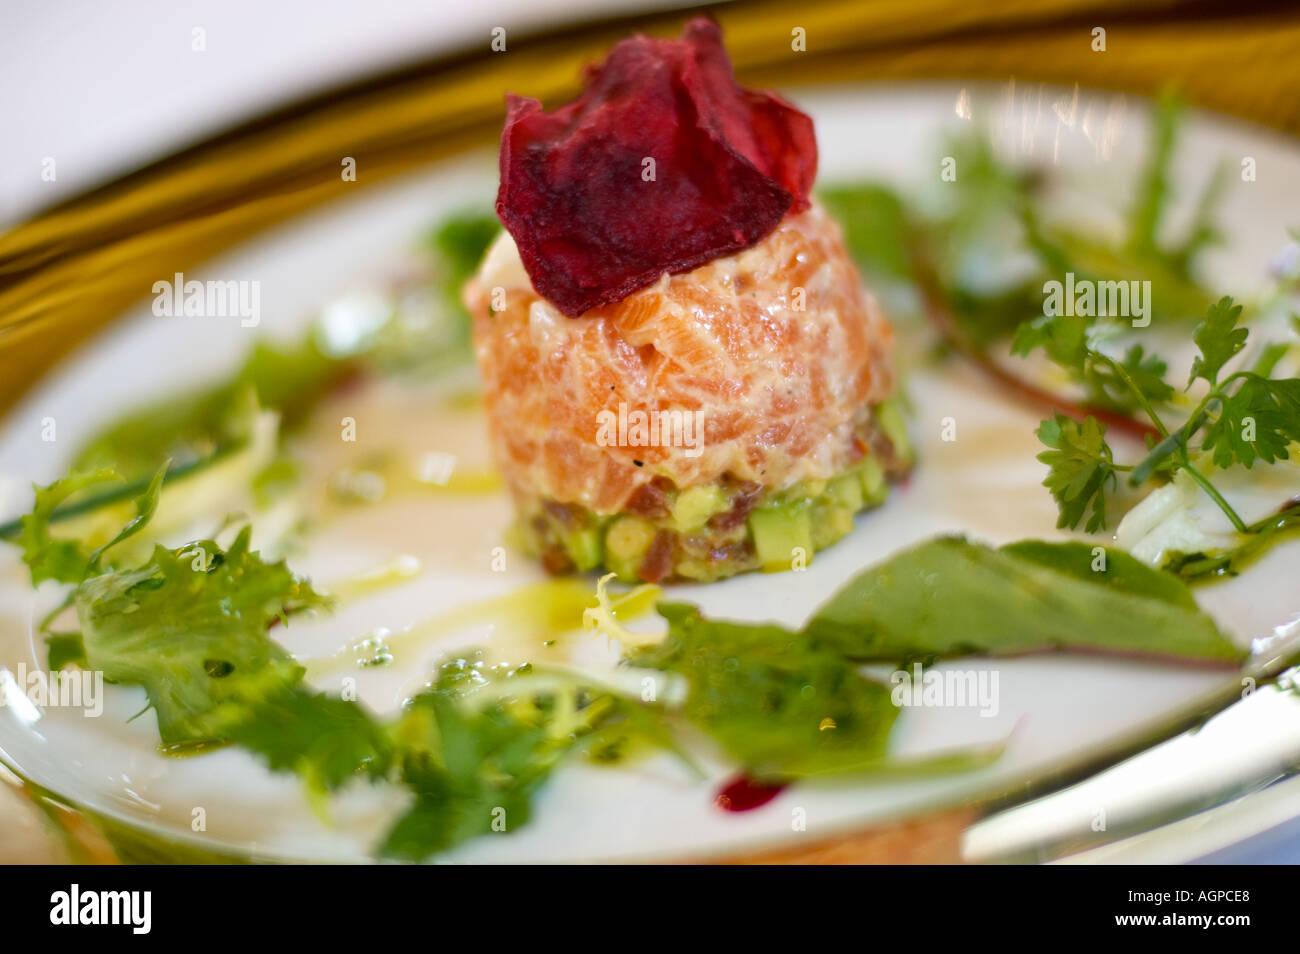 Restauration - démarreur terrine de saumon sur une plaque blanche avec bordure or Photo Stock